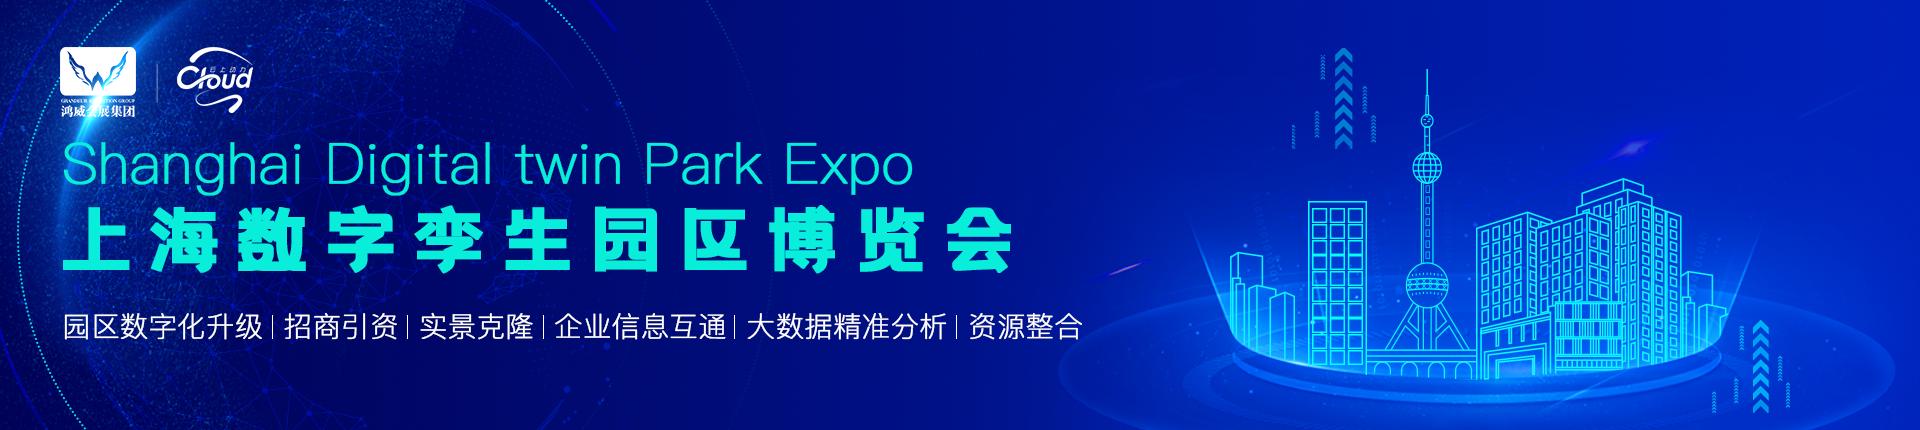 上海数字孪生园区博览会